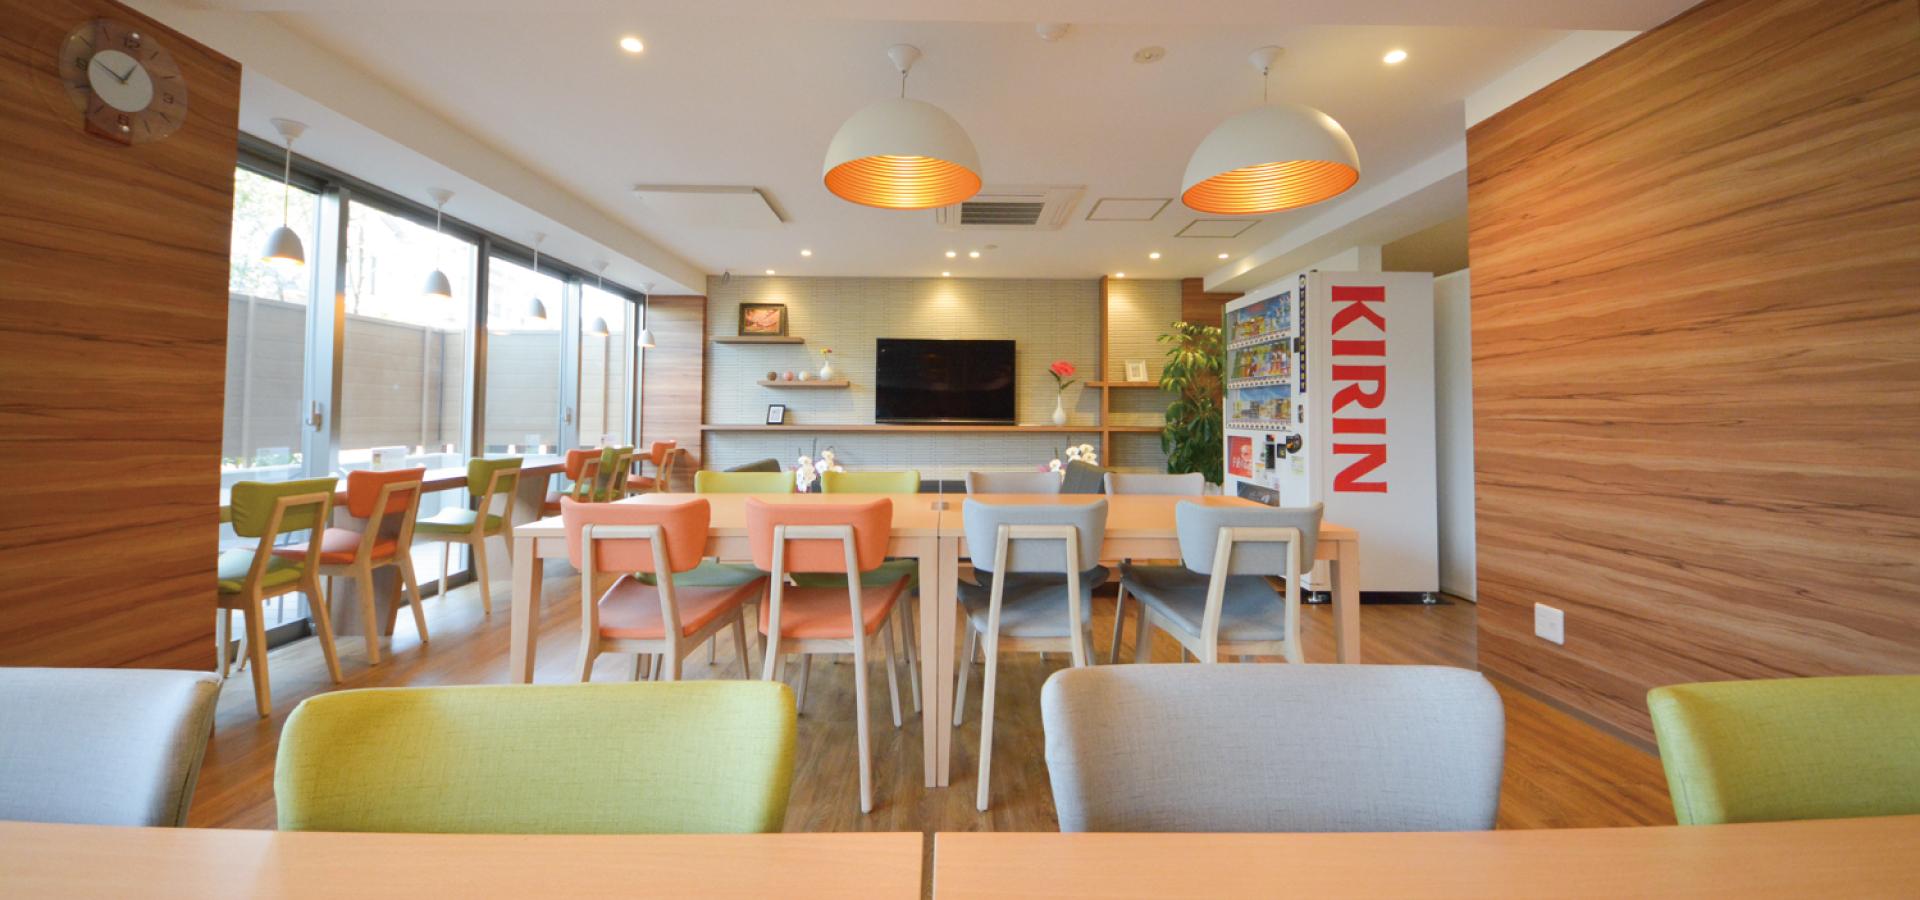 「ティーズカレッジ大阪大学前」広々とした食堂でゆったりとした憩いの時間をお過ごしいただけます。宅都プロパティ大阪学生向けマンション総合サイト|studentroom